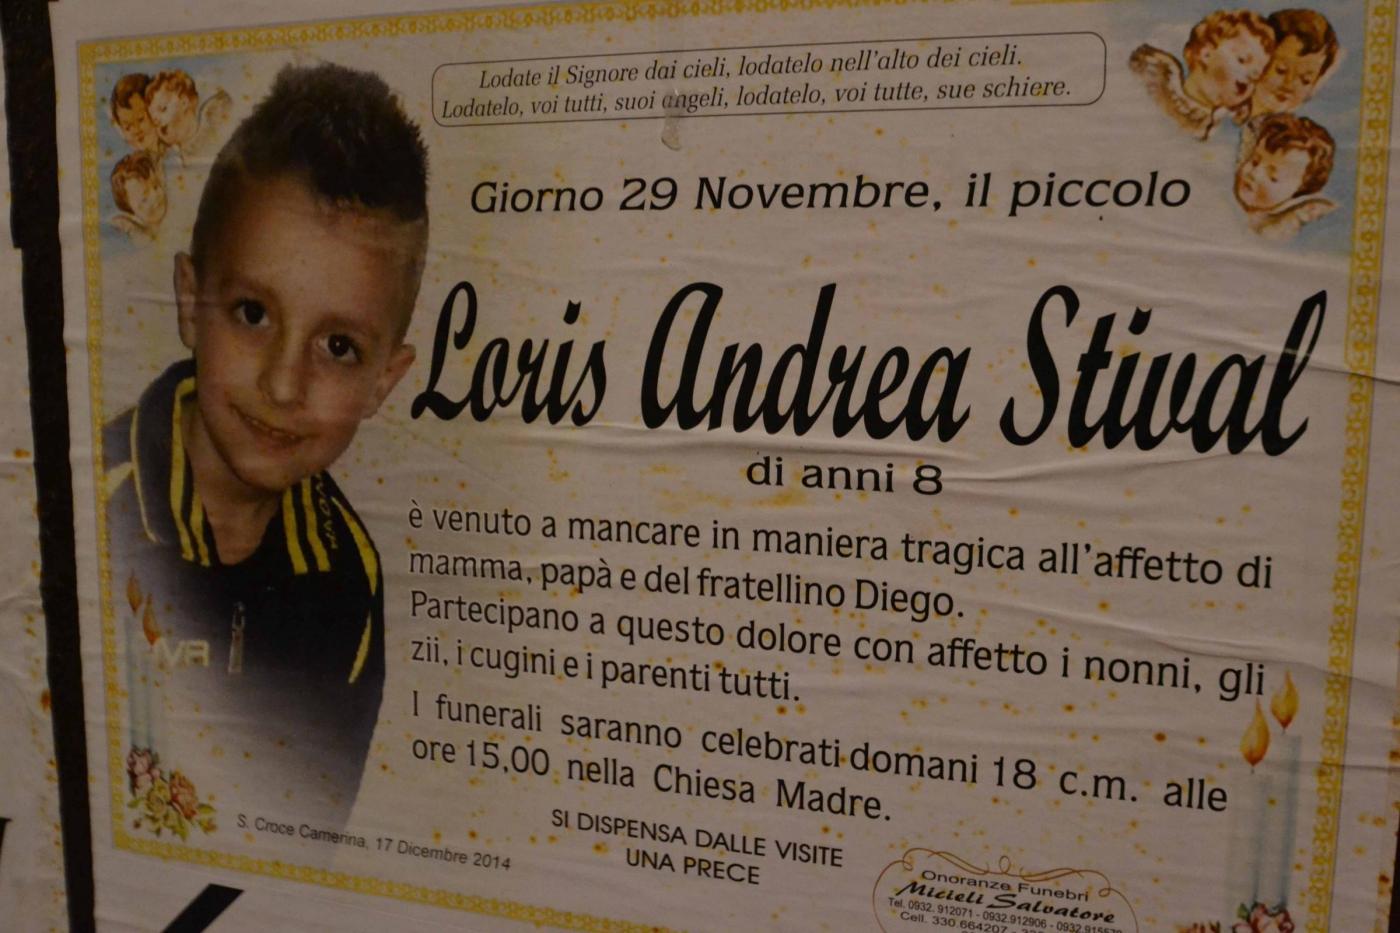 Omicidio Loris Stival, Veronica Panarello condannata a 30 anni